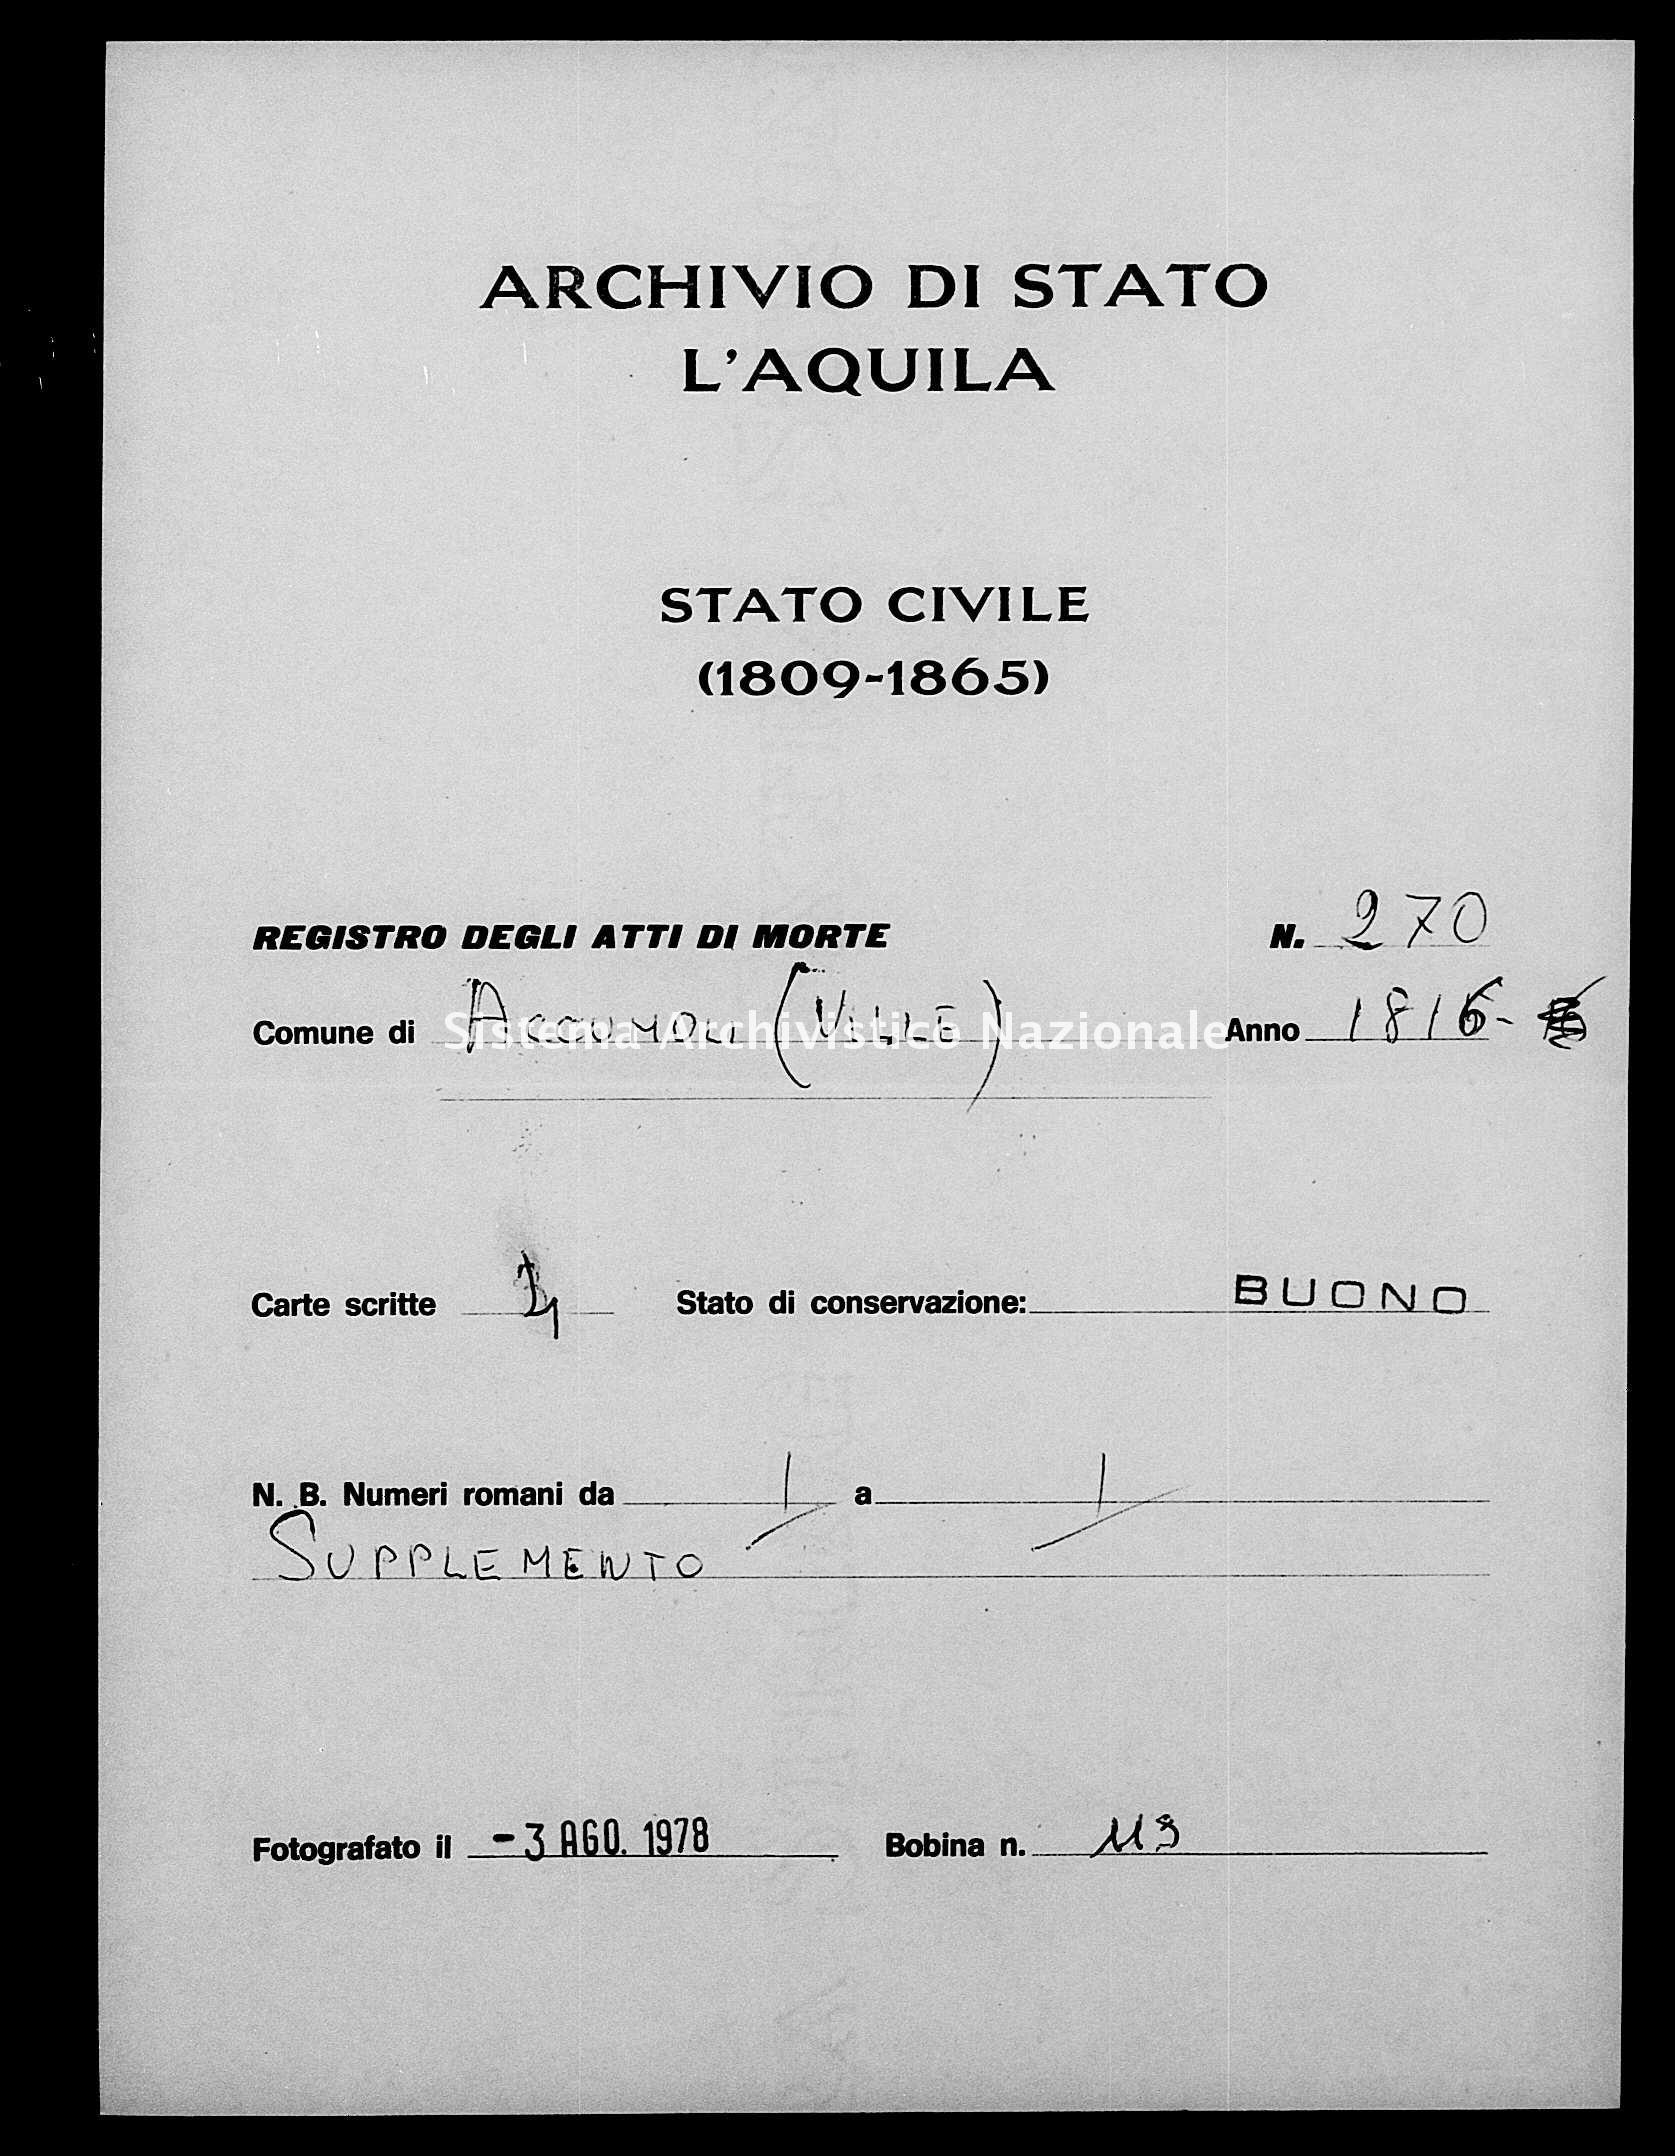 Archivio di stato di L'aquila - Stato civile della restaurazione - Accumoli - Morti - 06/01/1816-11/09/1816 - 270 -